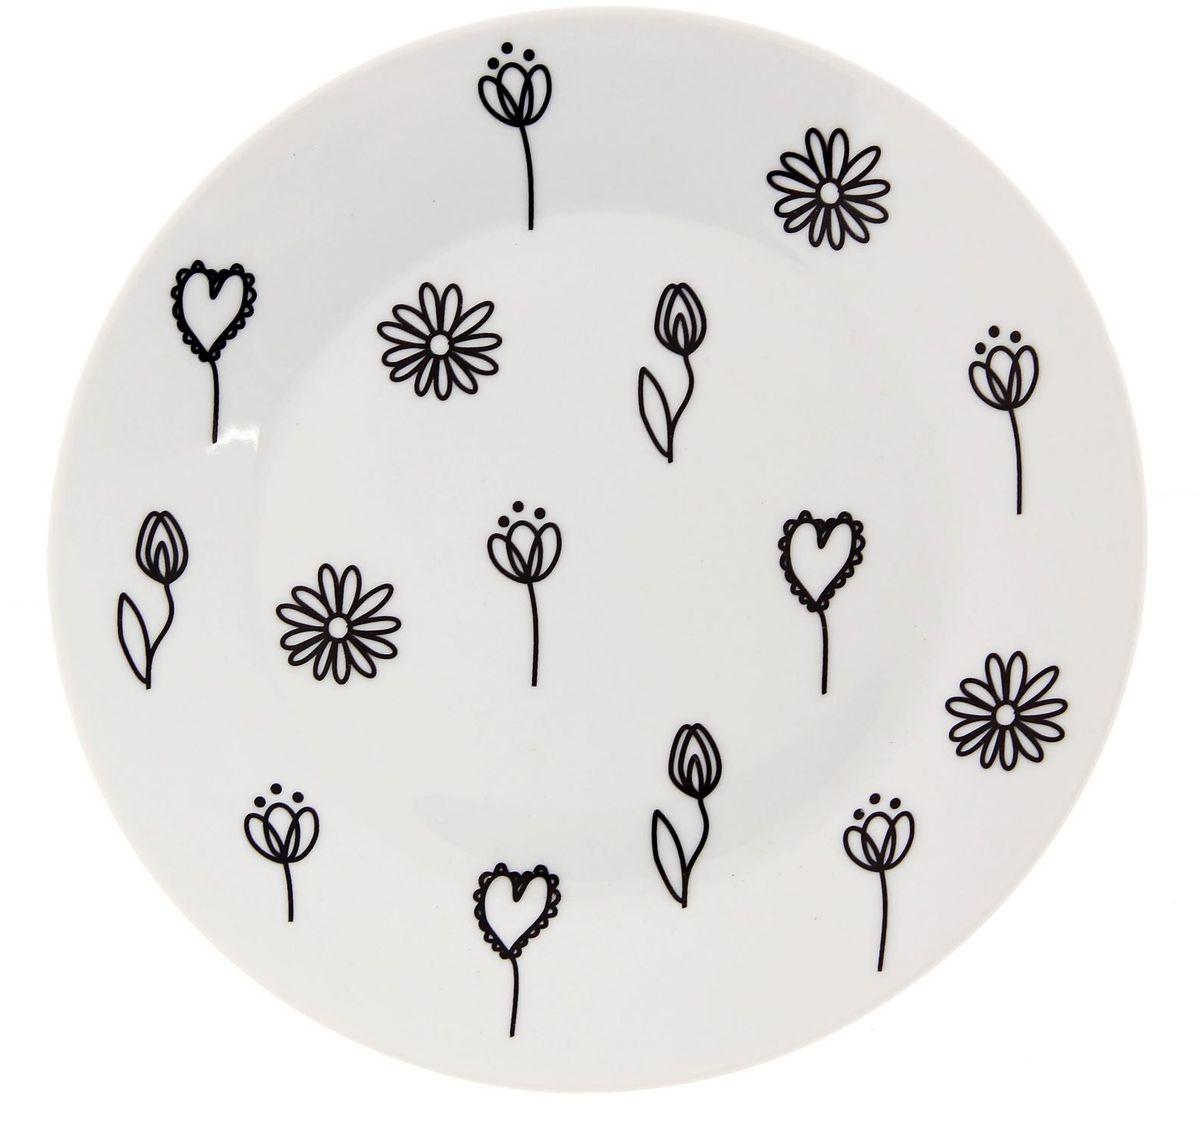 Тарелка мелкая Сотвори чудо Черный цветок, диаметр 20 см2277881Хотите обновить интерьер кухни или гостиной? Устраиваете необычную фотосессию или тематический праздник? А может, просто ищете подарок для близкого человека? Посуда « Сотвори Чудо» — правильный выбор в любой ситуации. Её достоинства: изящный фаянс нежного сливочного цвета; стойкость краски; пригодность для посудомоечных машин.